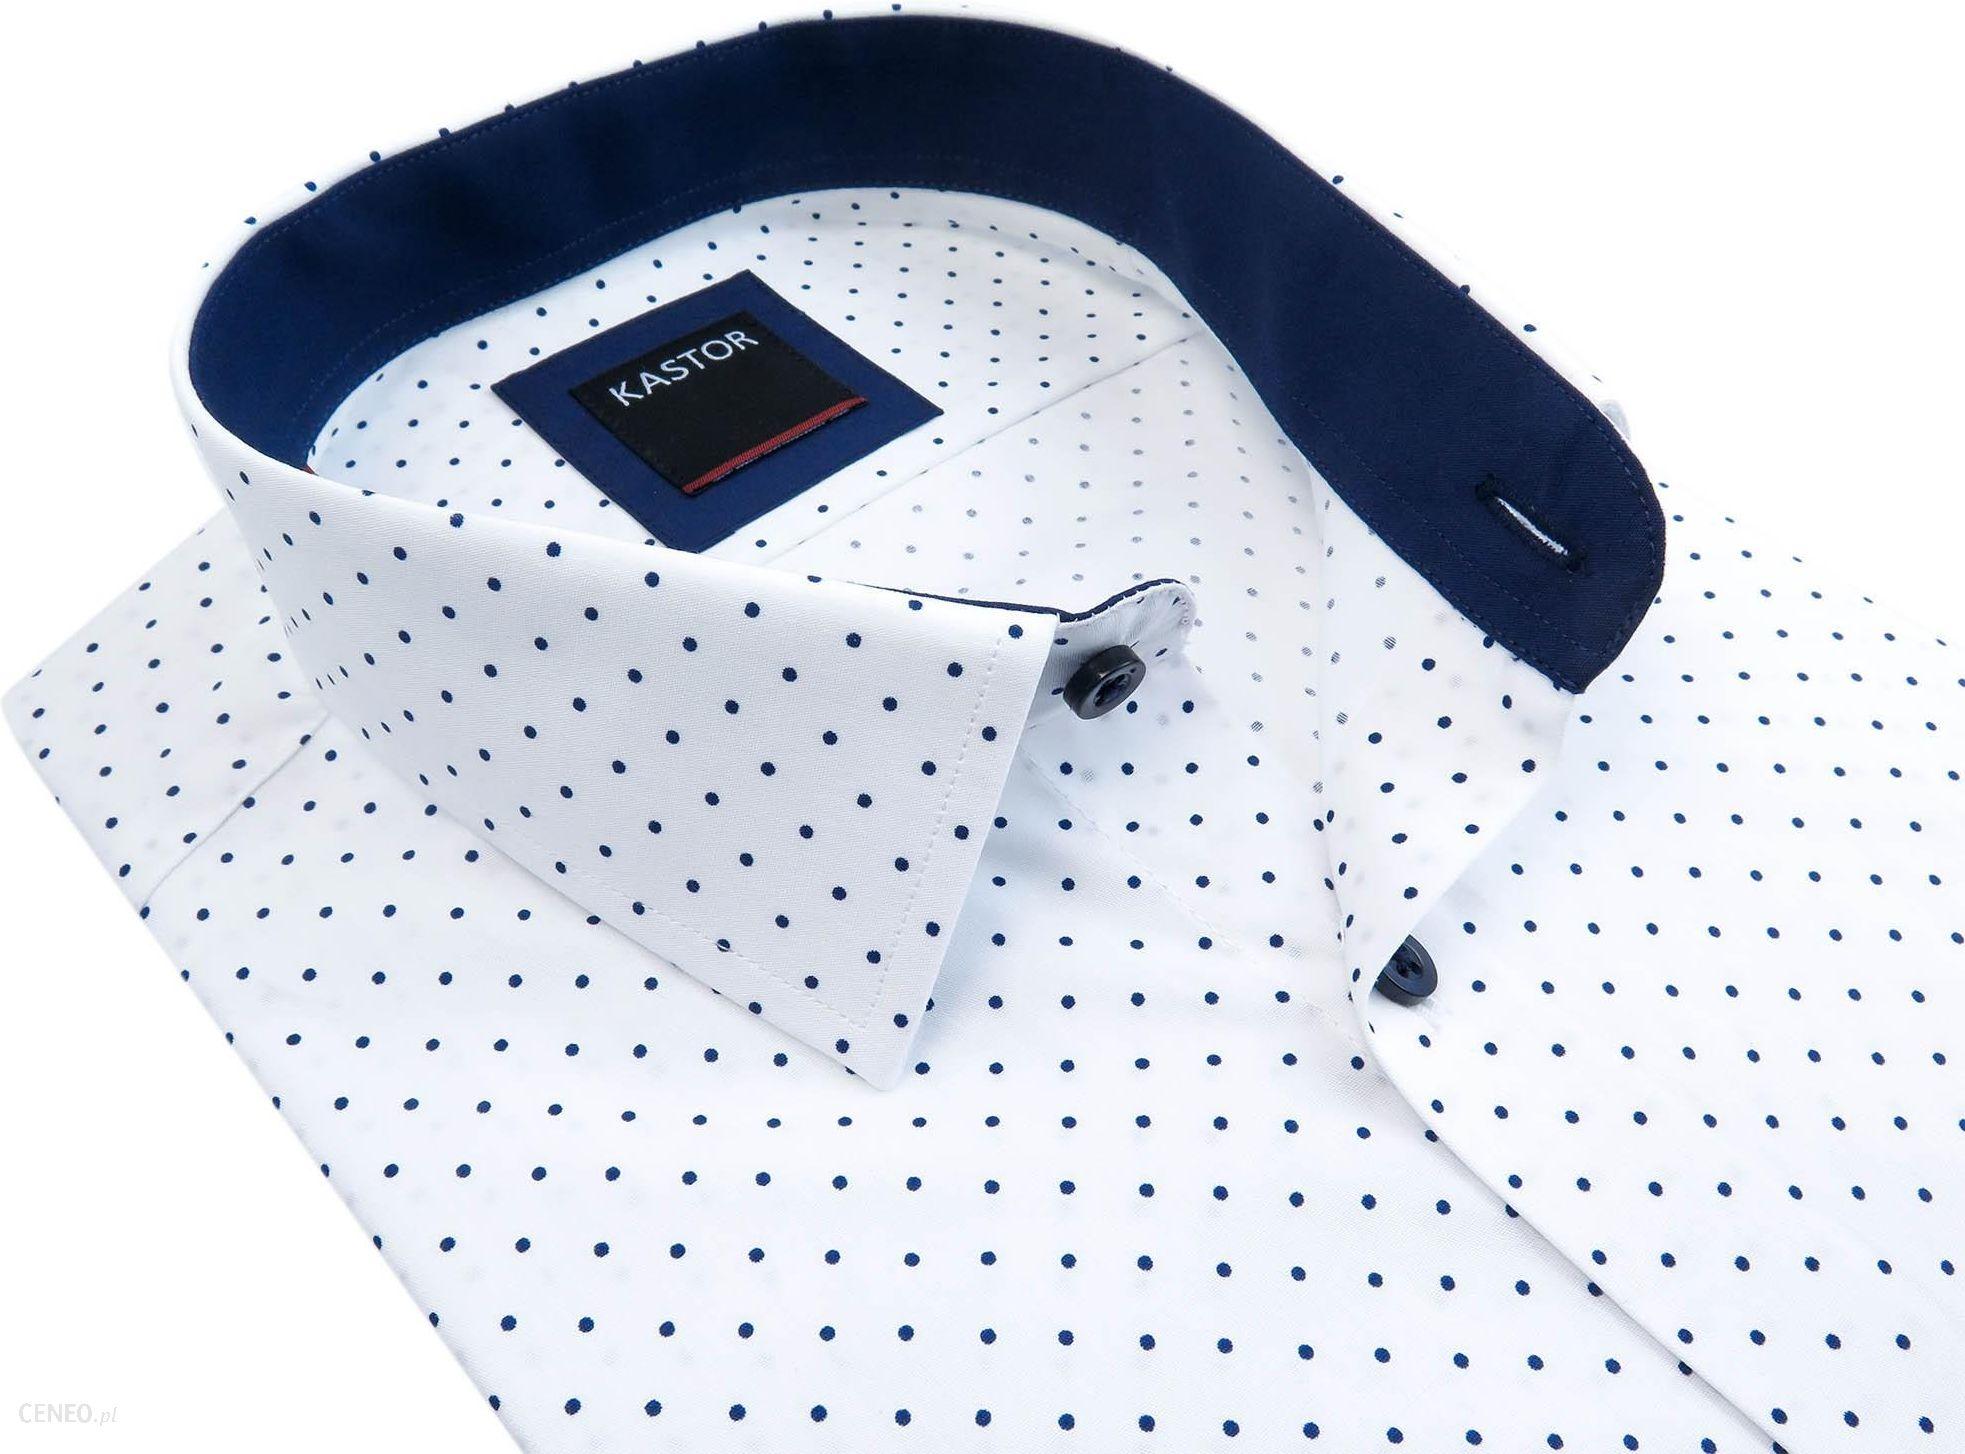 f5400dc3286b13 Biała koszula męska Kastor w granatowe kropki K68 - Ceny i opinie ...